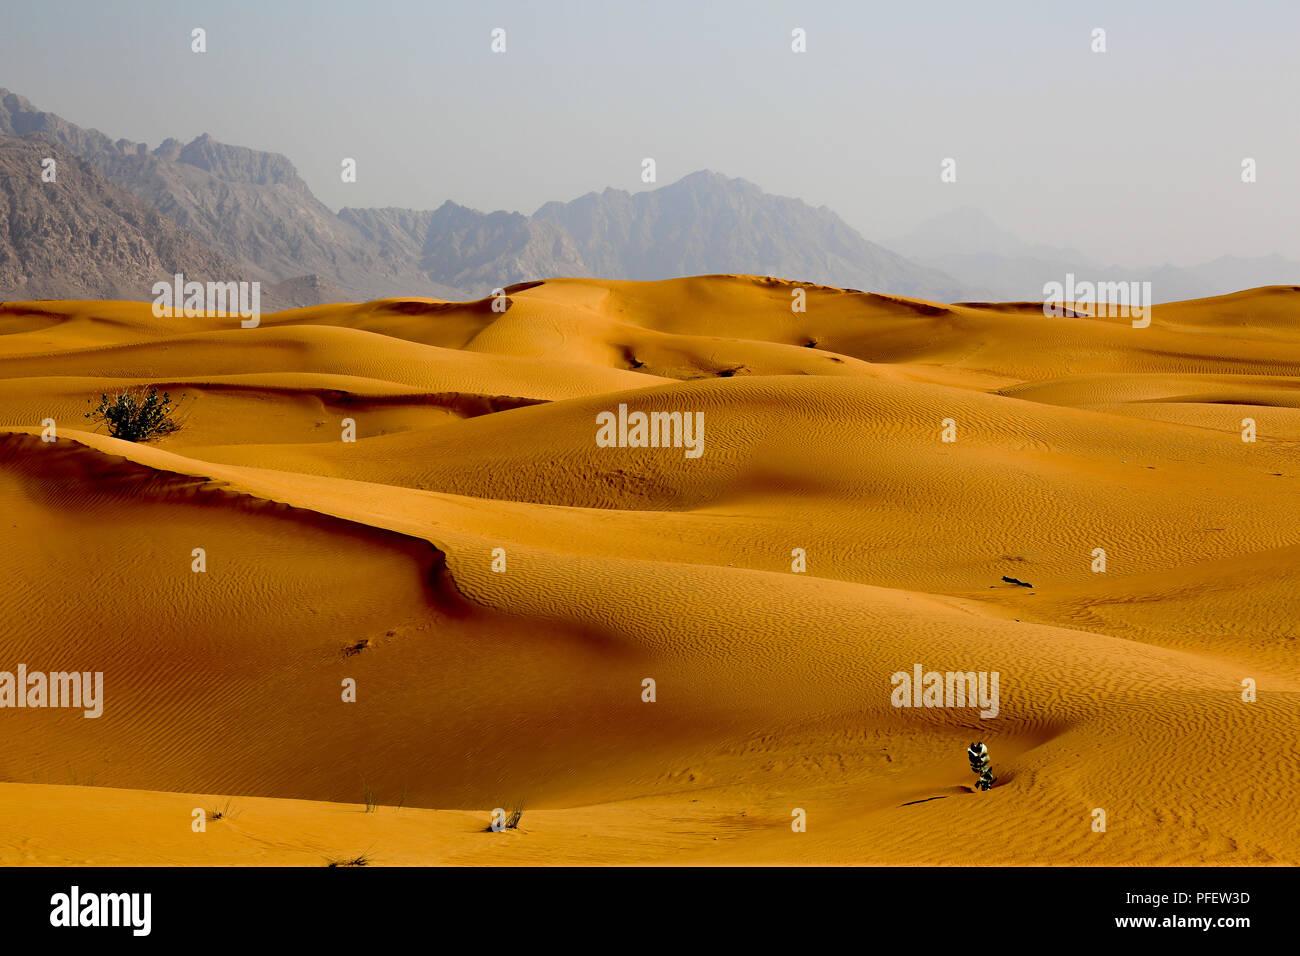 Contrasting Desert Landscapes - Stock Image